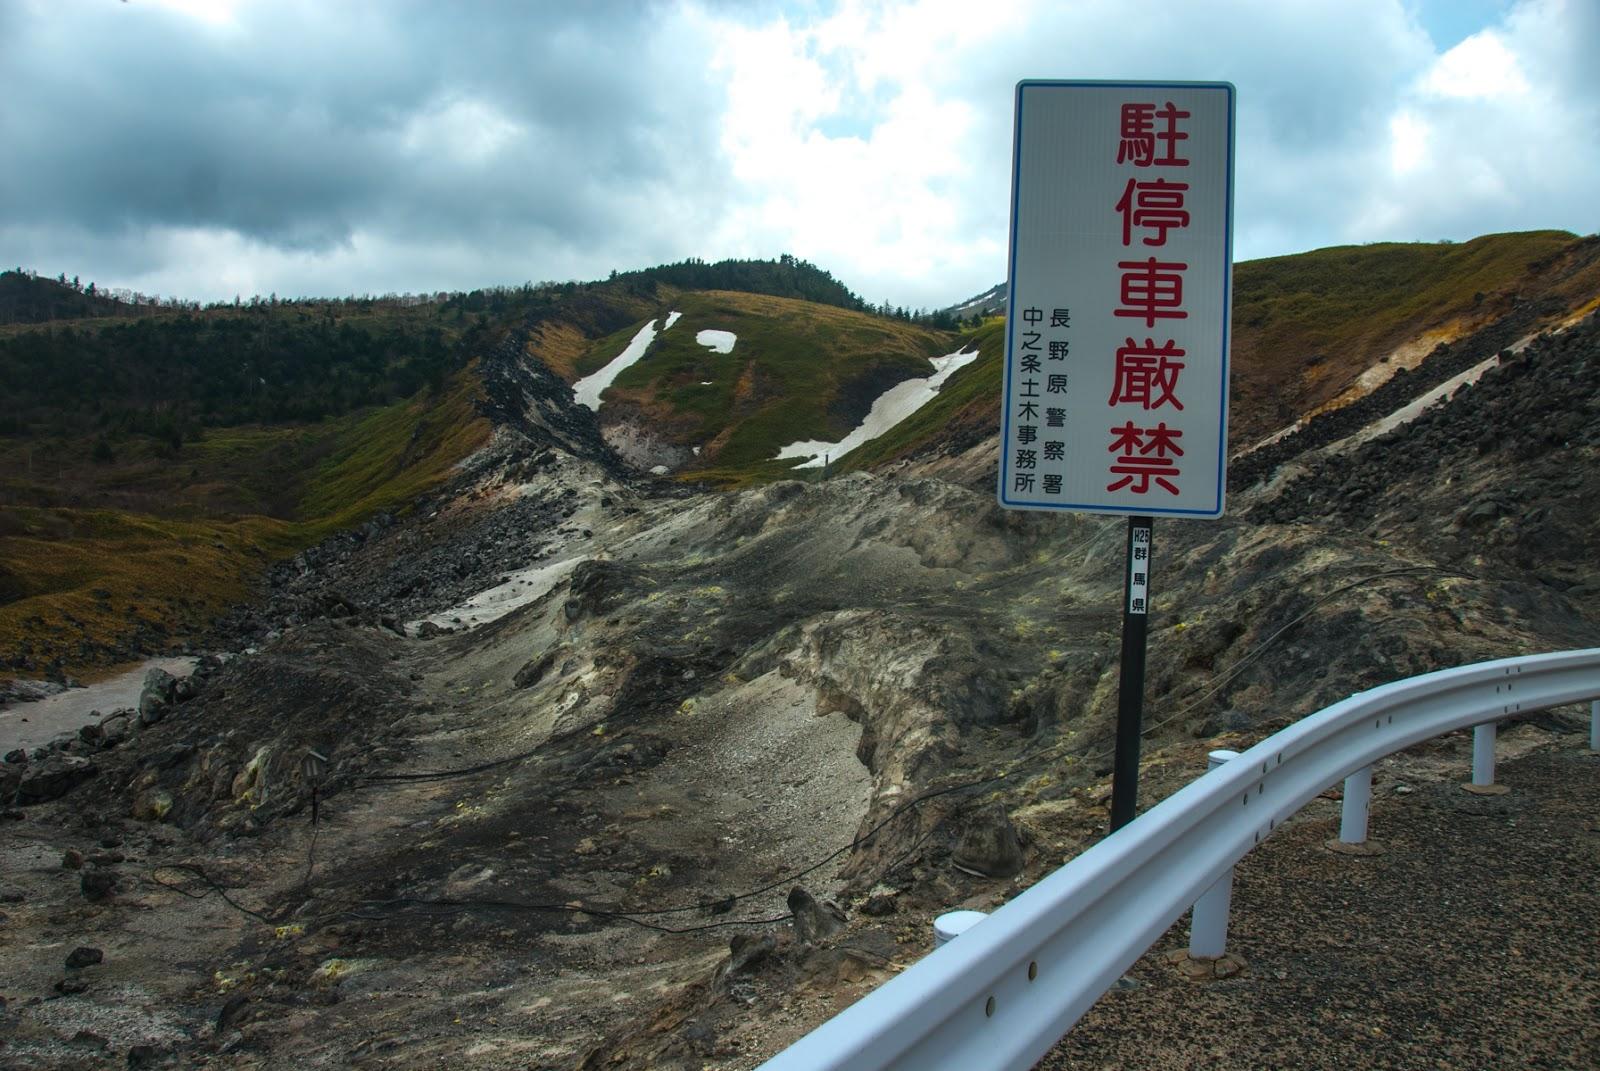 殺生河原の駐停車厳禁の看板